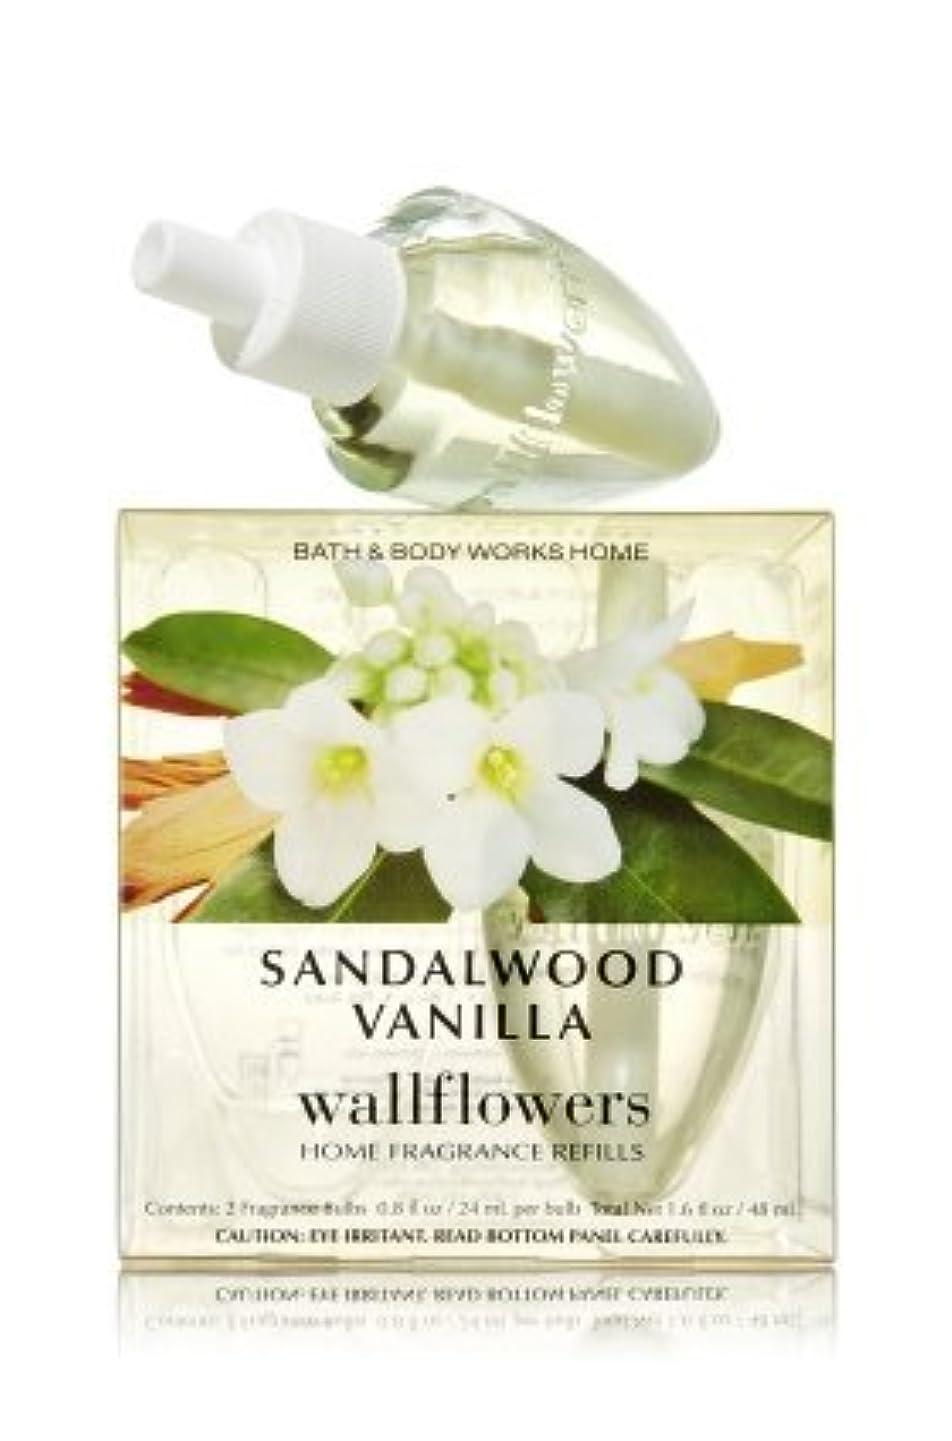 振るう入力円周【Bath&Body Works/バス&ボディワークス】 ルームフレグランス 詰替えリフィル(2個入り) サンダルウッドバニラ Wallflowers Home Fragrance 2-Pack Refills Sandalwood Vanilla [並行輸入品]